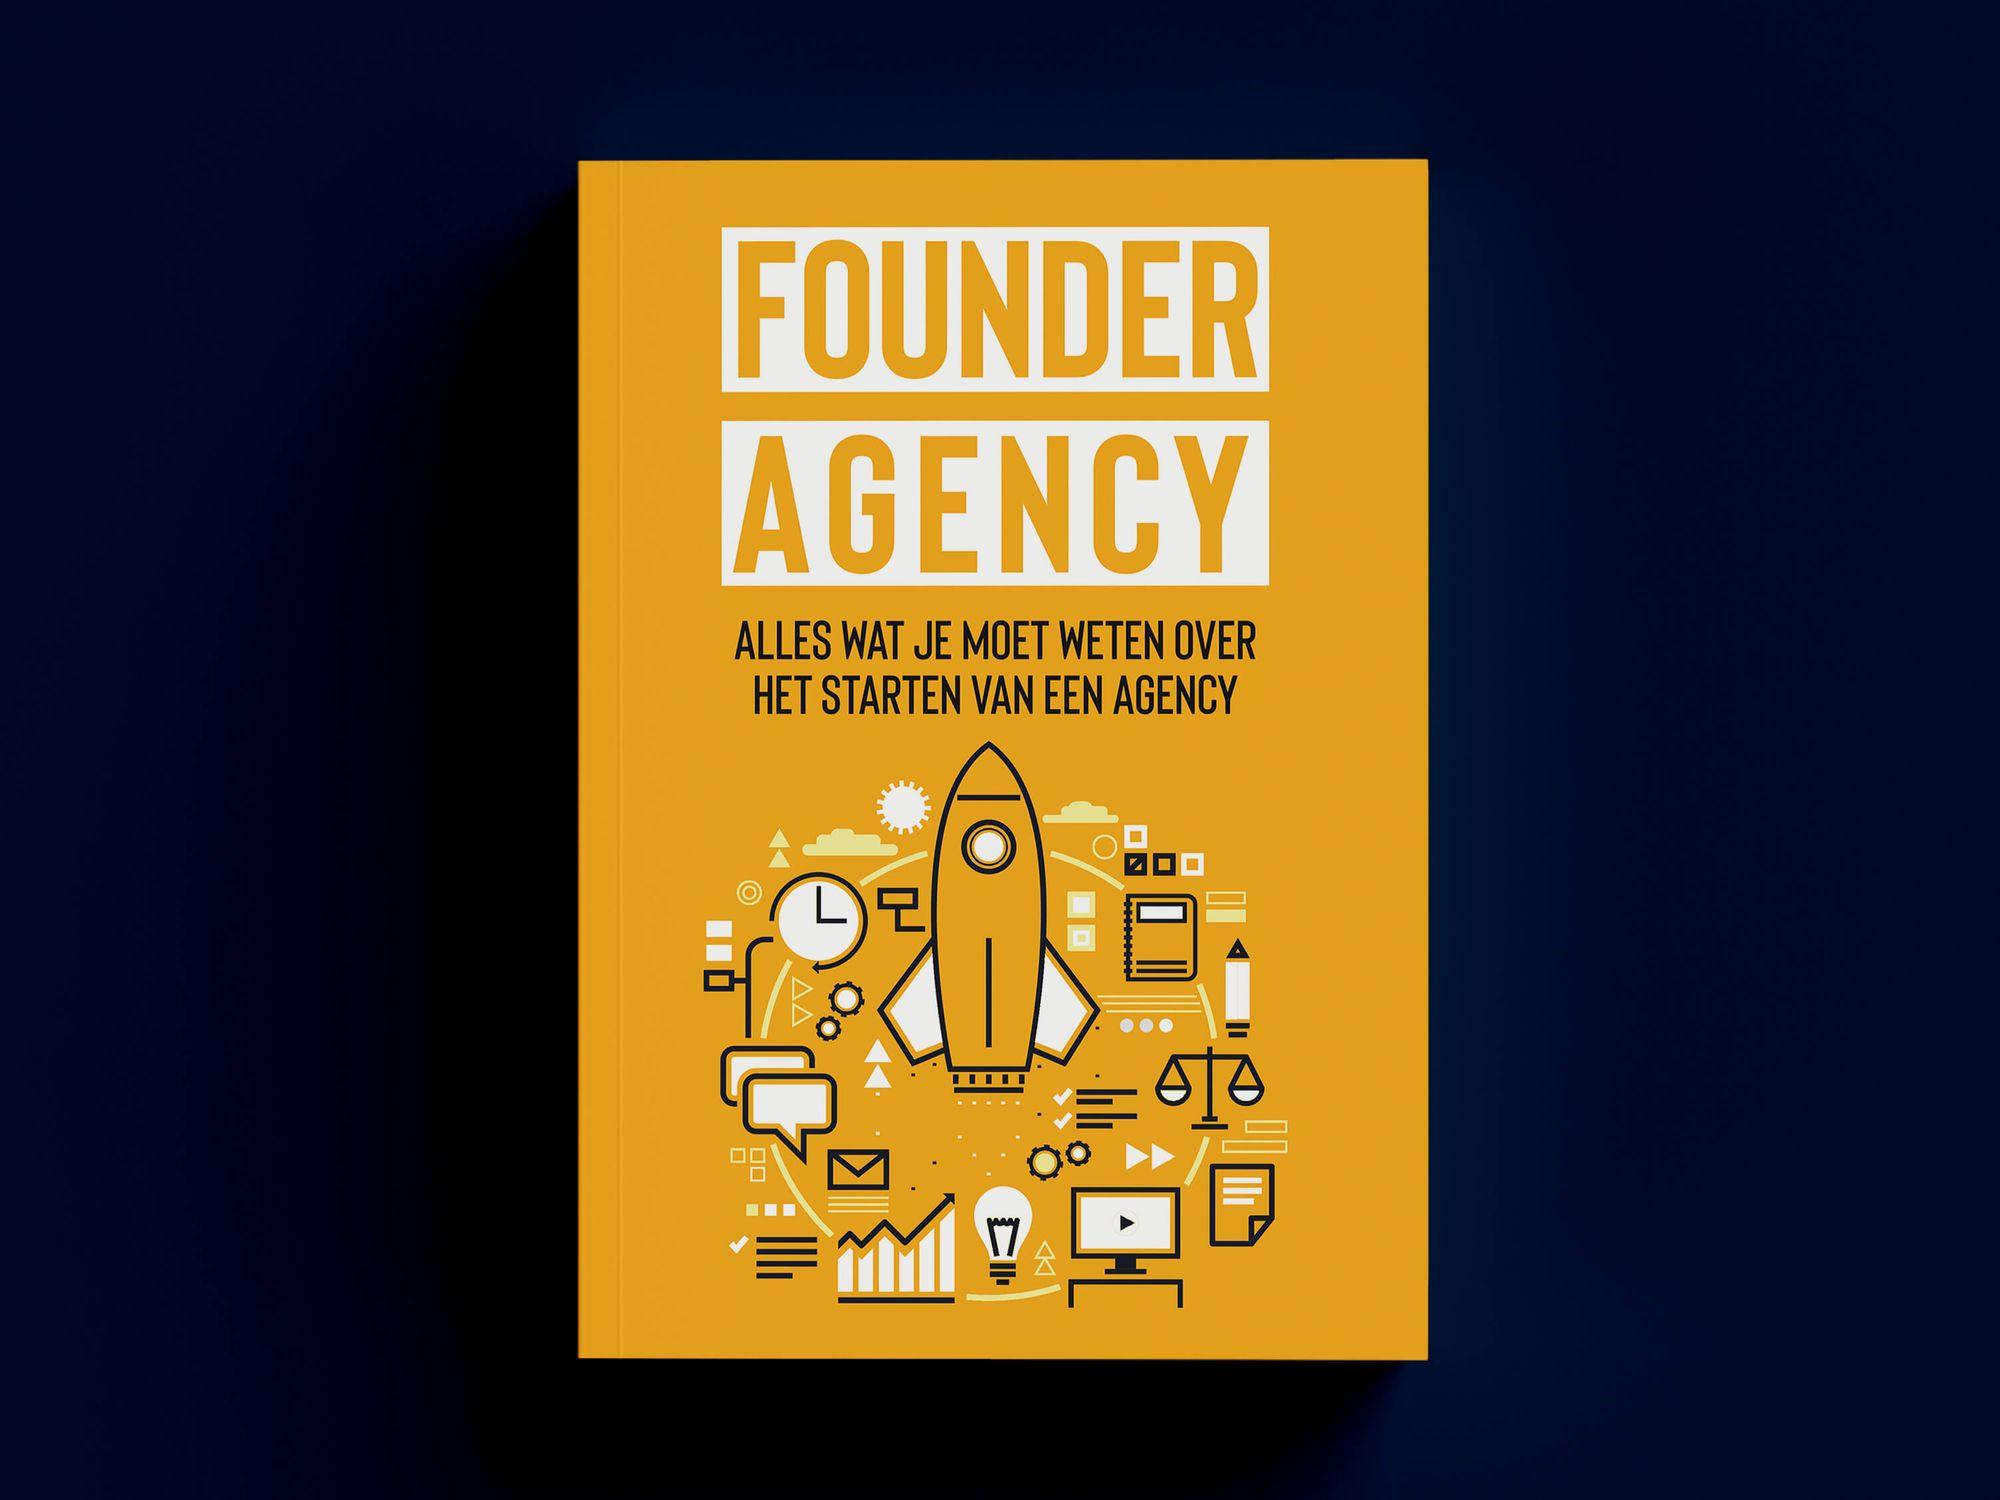 Alles wat je moet weten over het starten van een agency